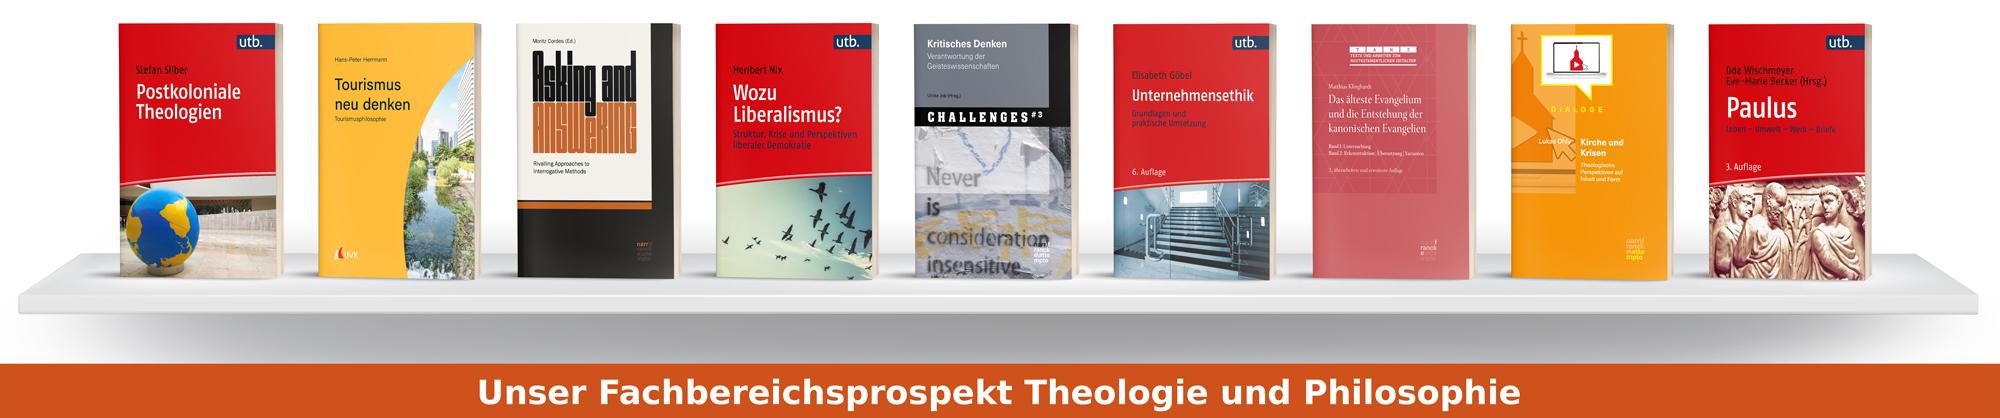 Fachbereichsprospekt Theologie und Philosophie